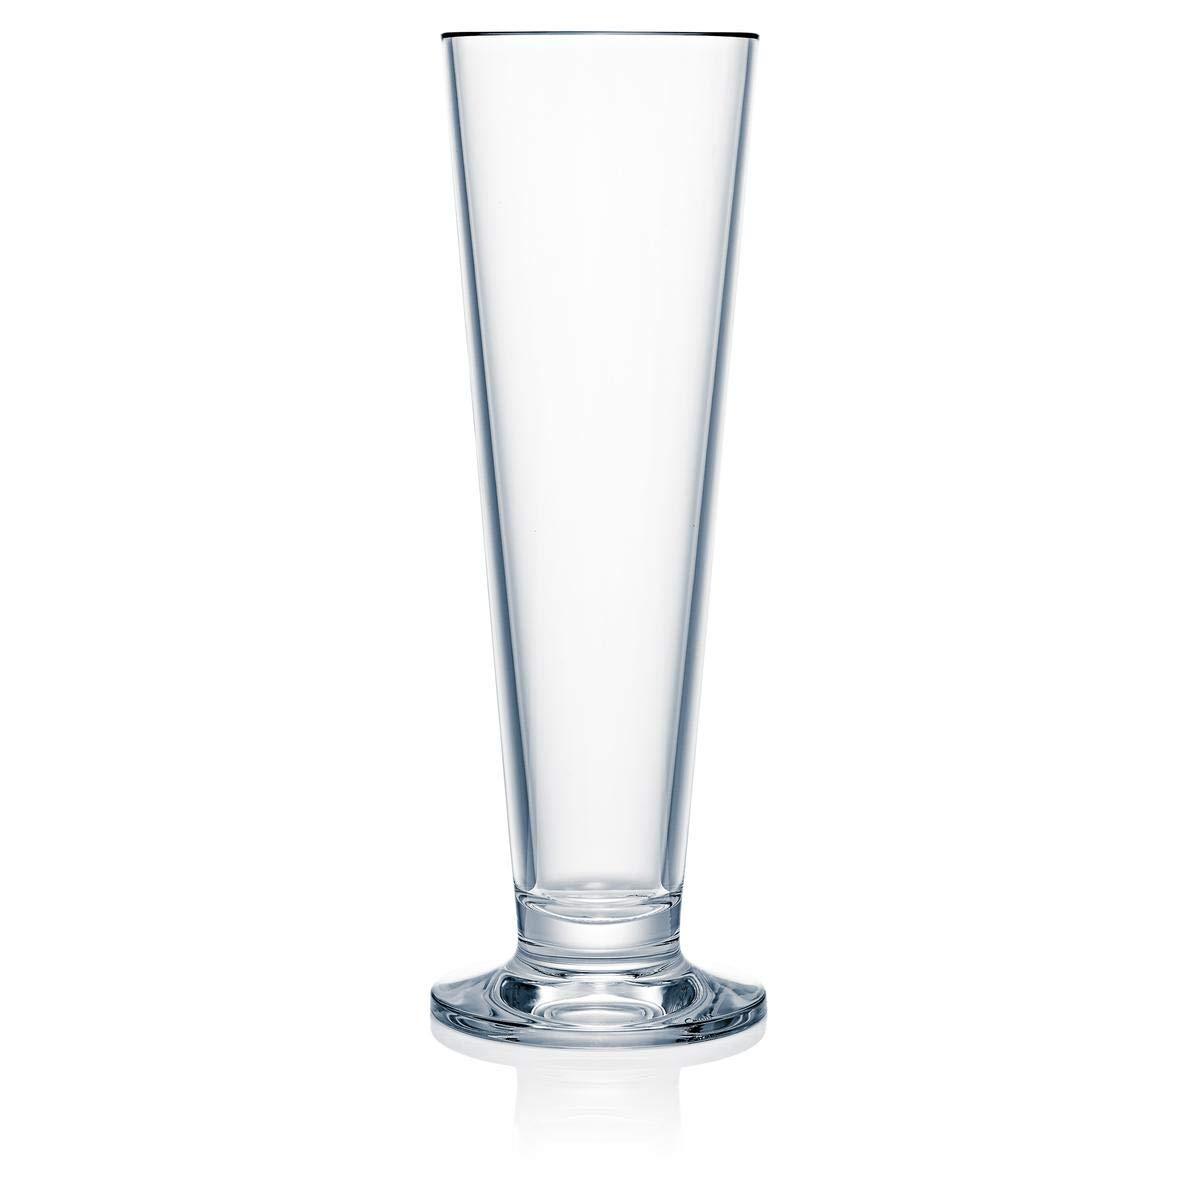 Strahl Pilsner Glass (Set of 4), 16 oz, Clear